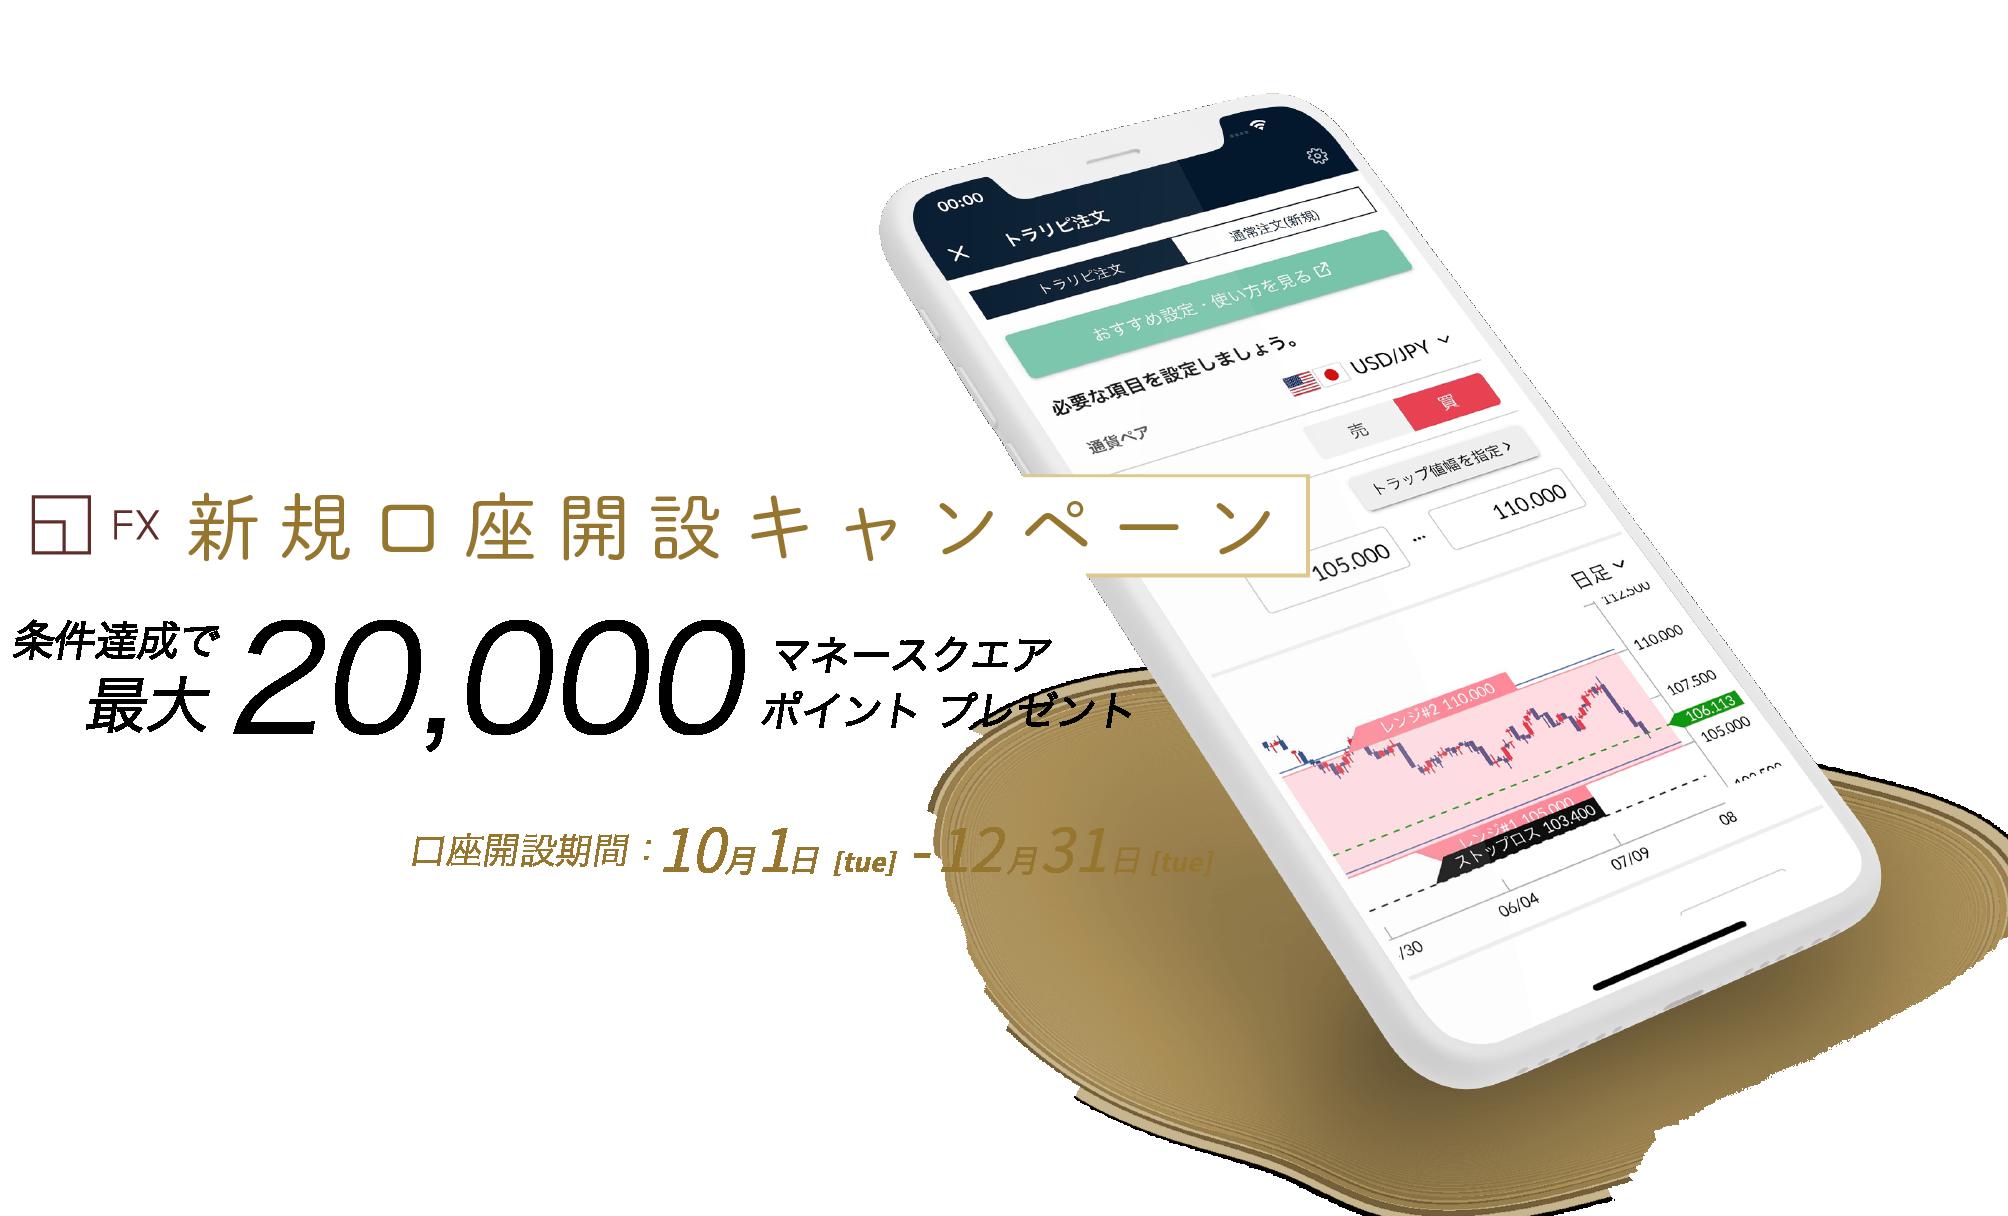 マネースクエアFX FX新規口座開設キャンペーン(2019年10~12月期)